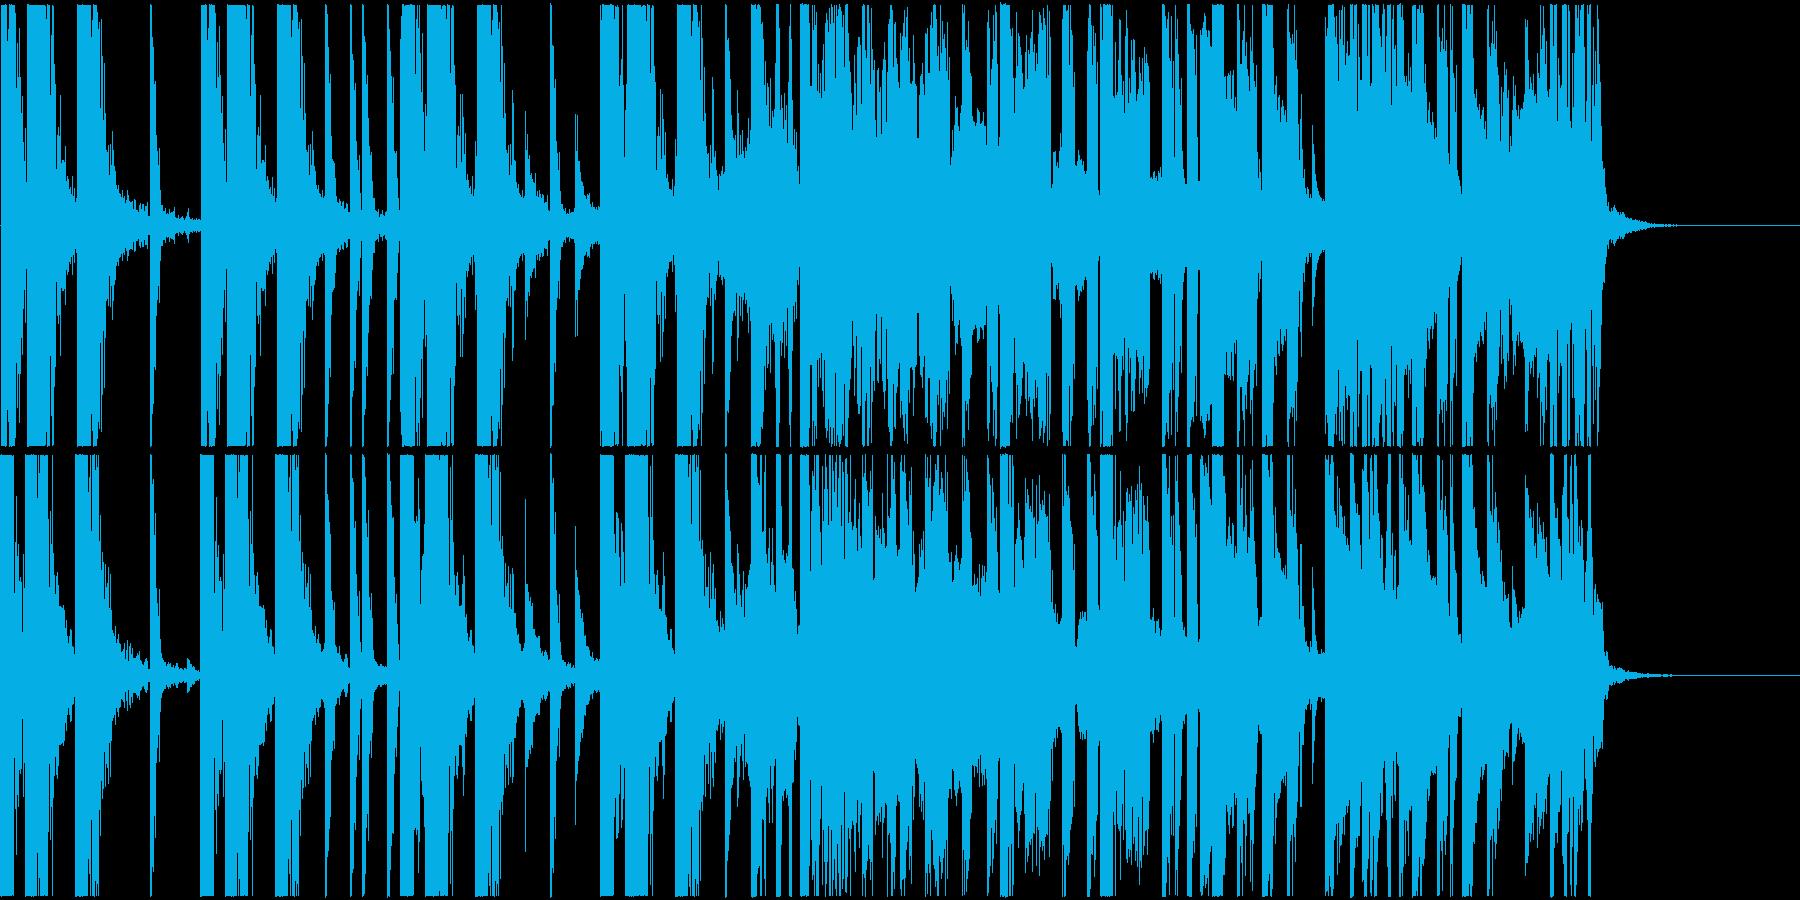 某ダイエット、エクササイズ曲のオマージュの再生済みの波形